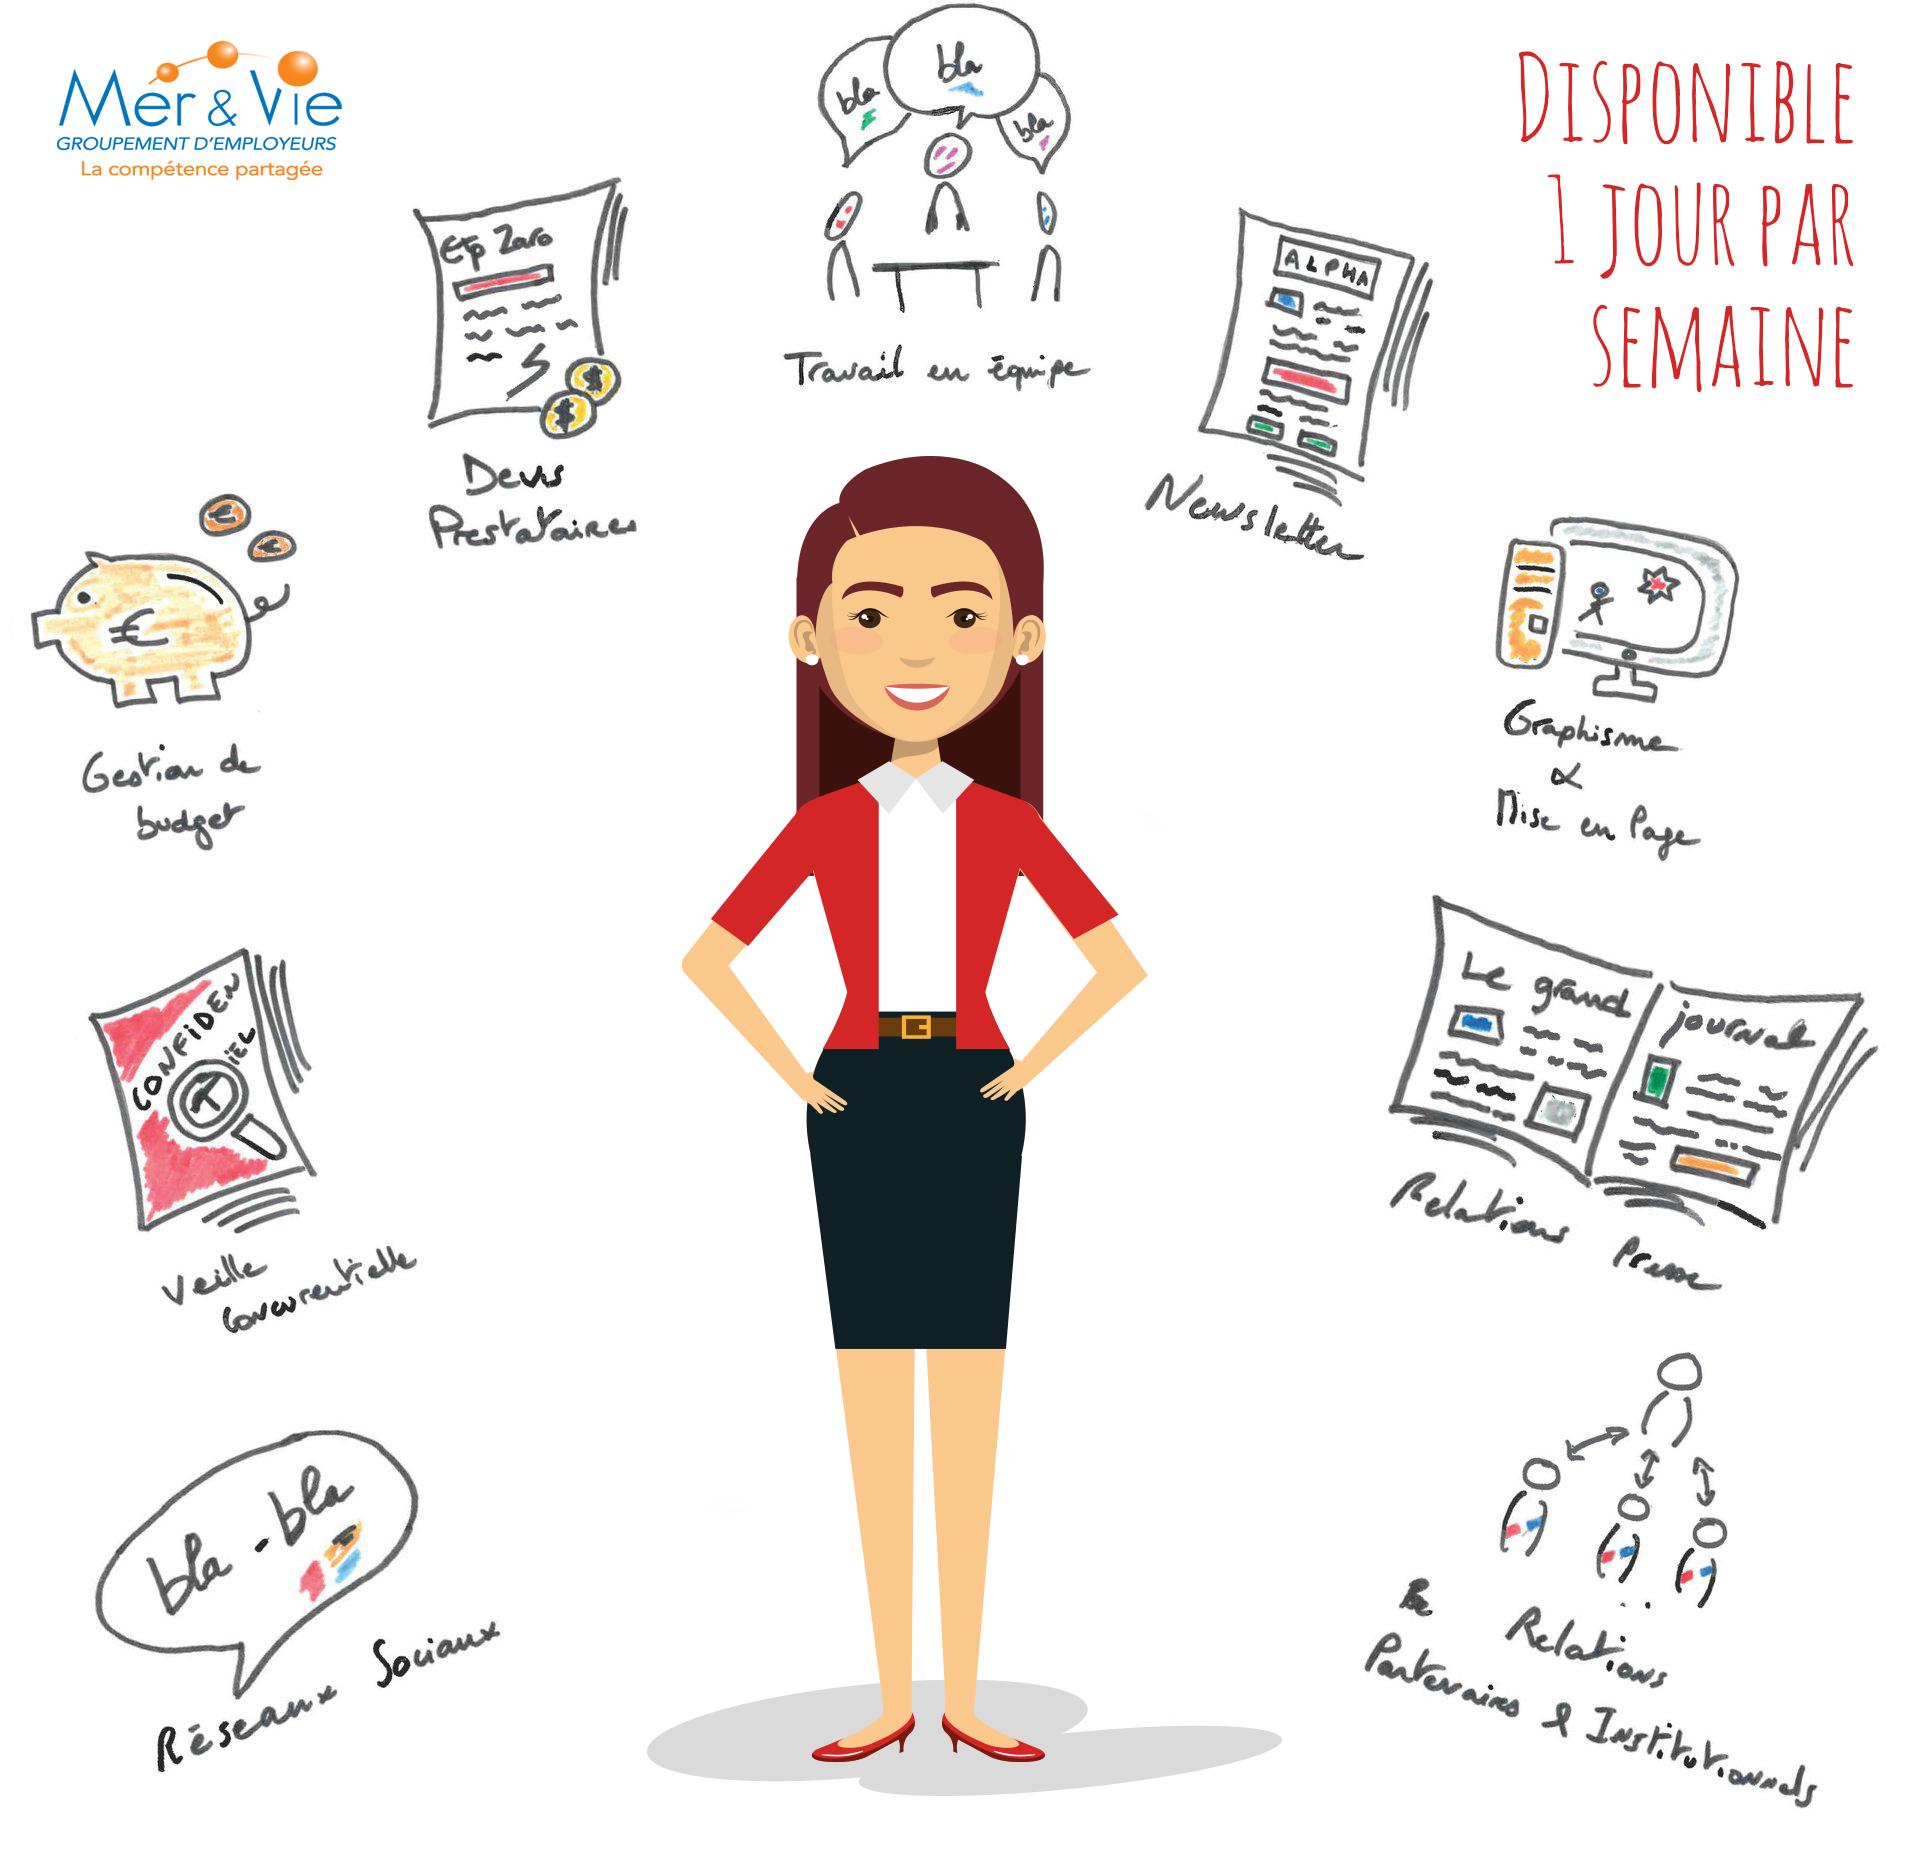 Stéphanie recherche une entreprise à accompagner au niveau communication à raison d'une journée par semaine